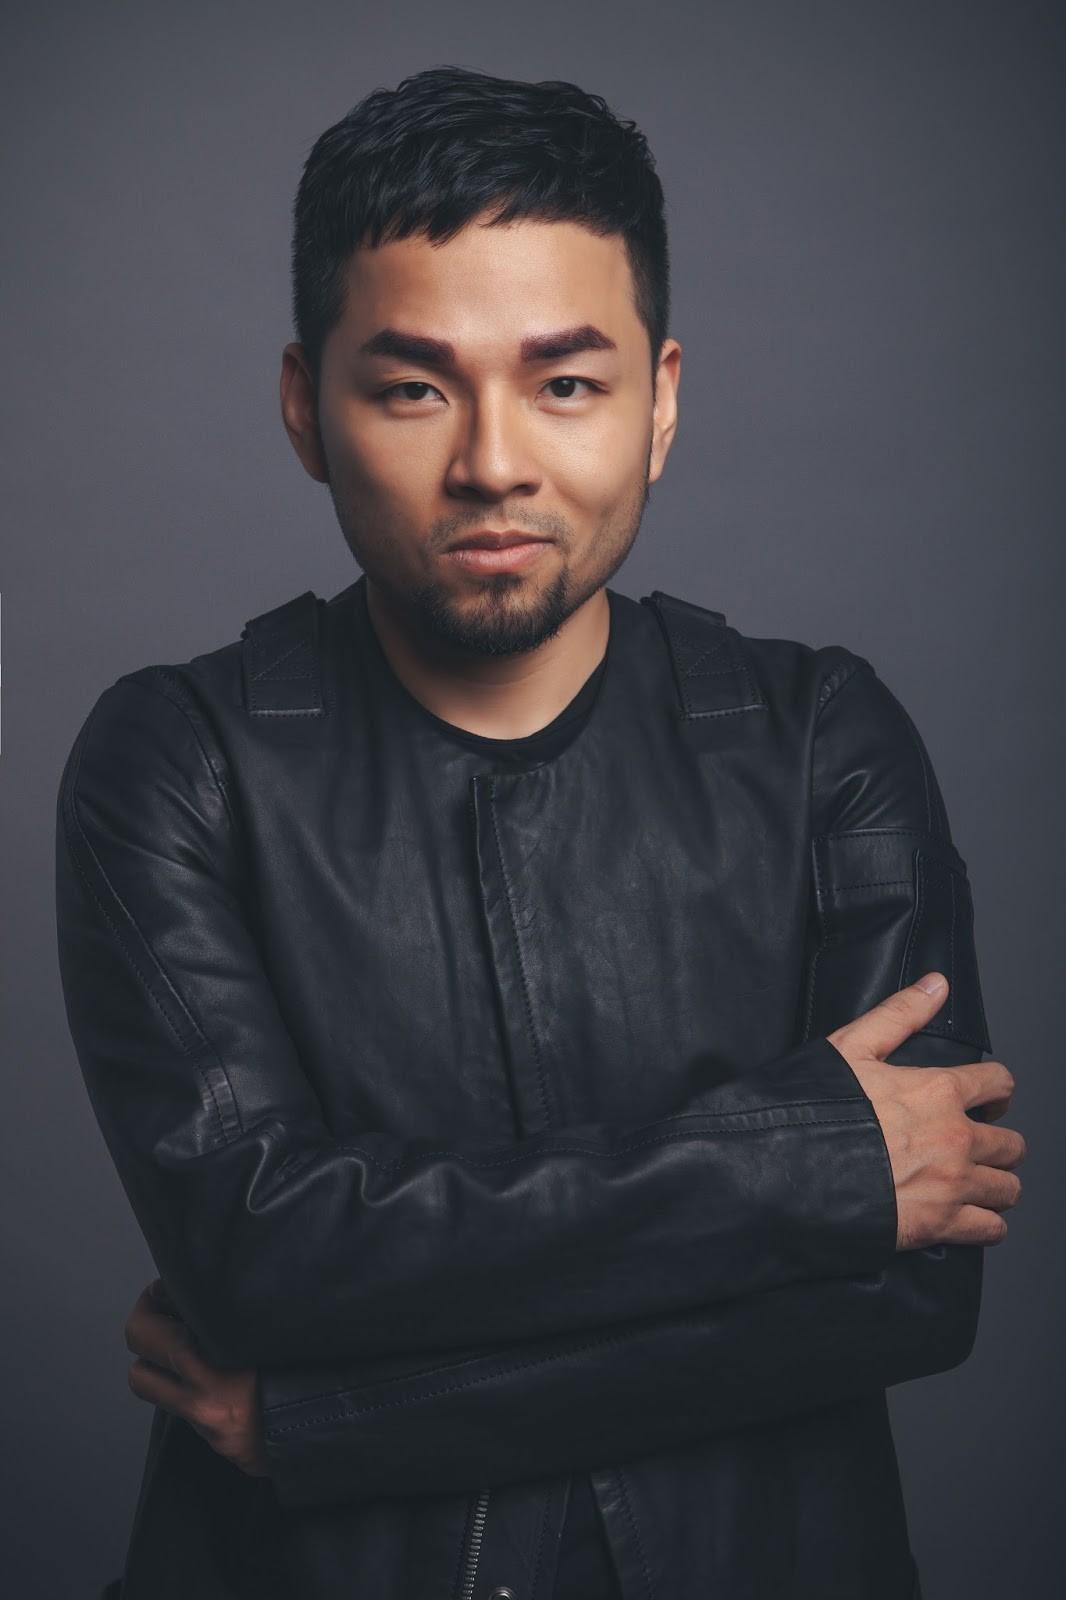 Top 10 DJ/Producerđược yêu thích nhất 2019, duy nhất một nữ DJ góp mặt